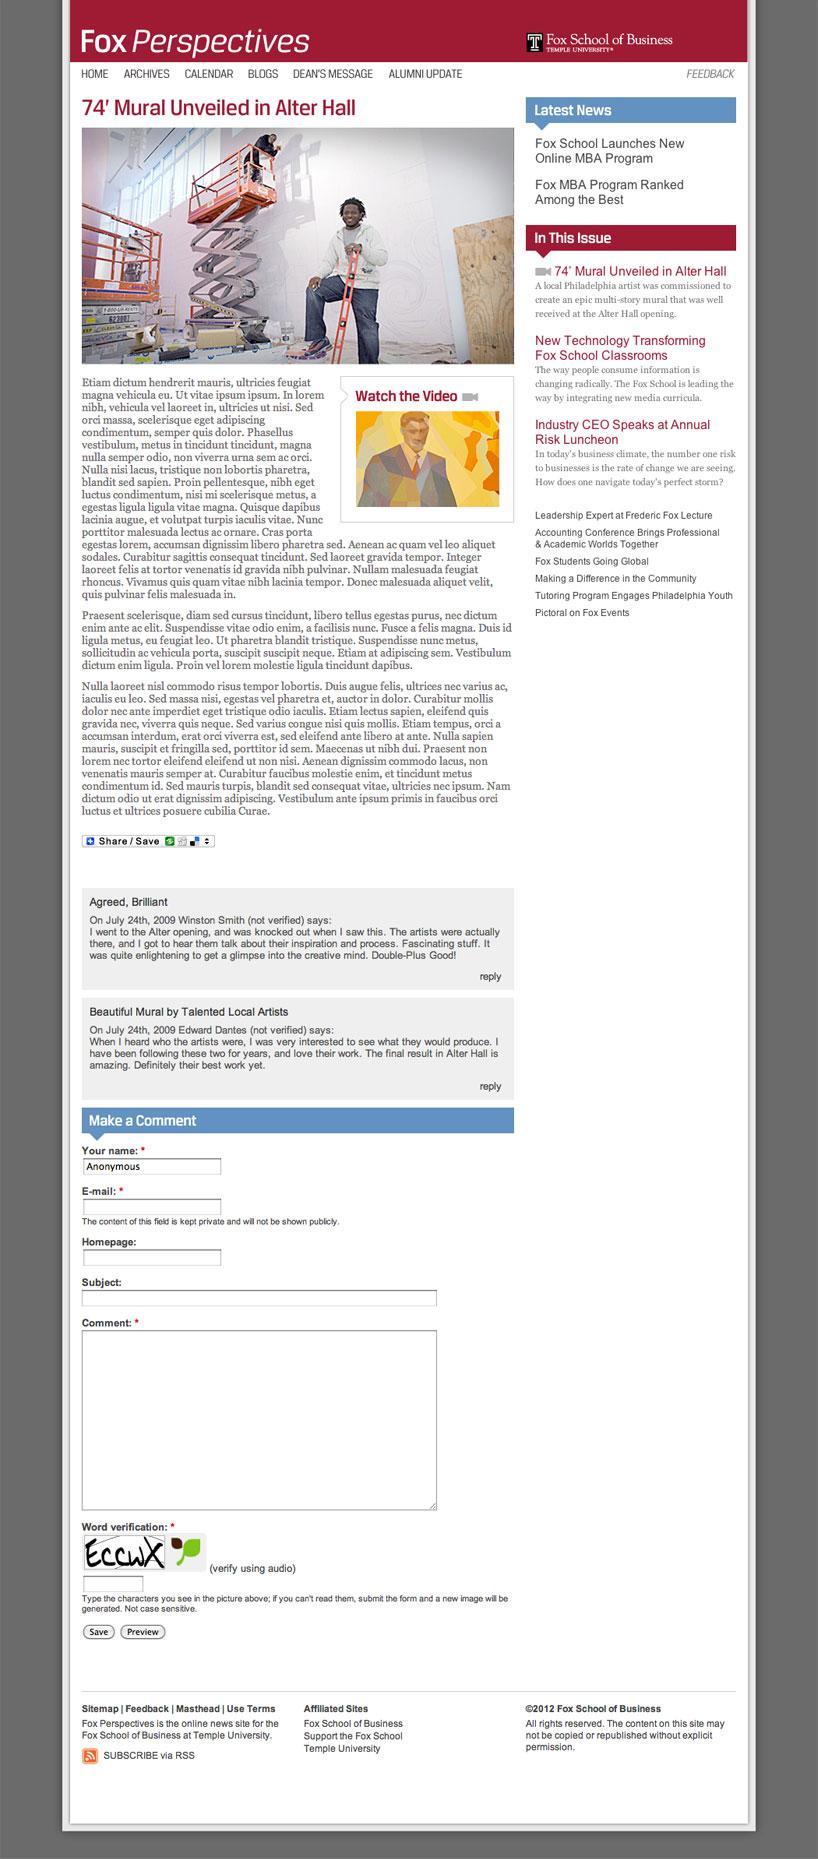 Fox School of Business Website